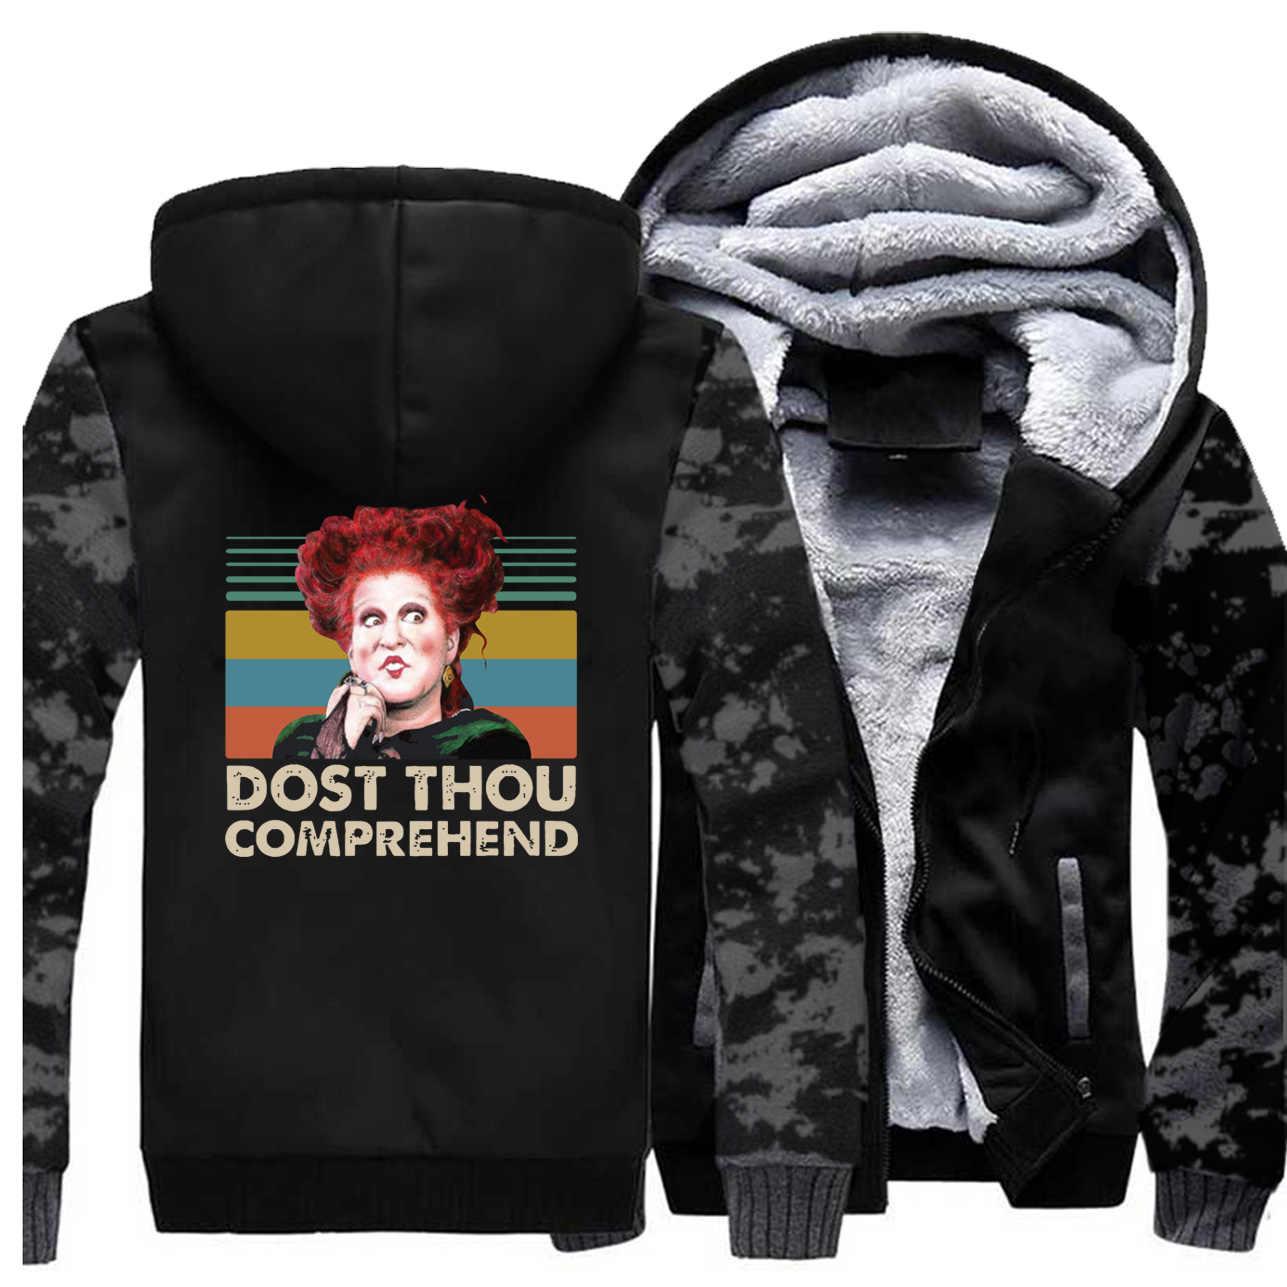 Hommes Hocus Pocus camouflage épais hiver polaire chaud sweat veste Winifred Sanderson manteau Dost you comprendre vestes à capuche